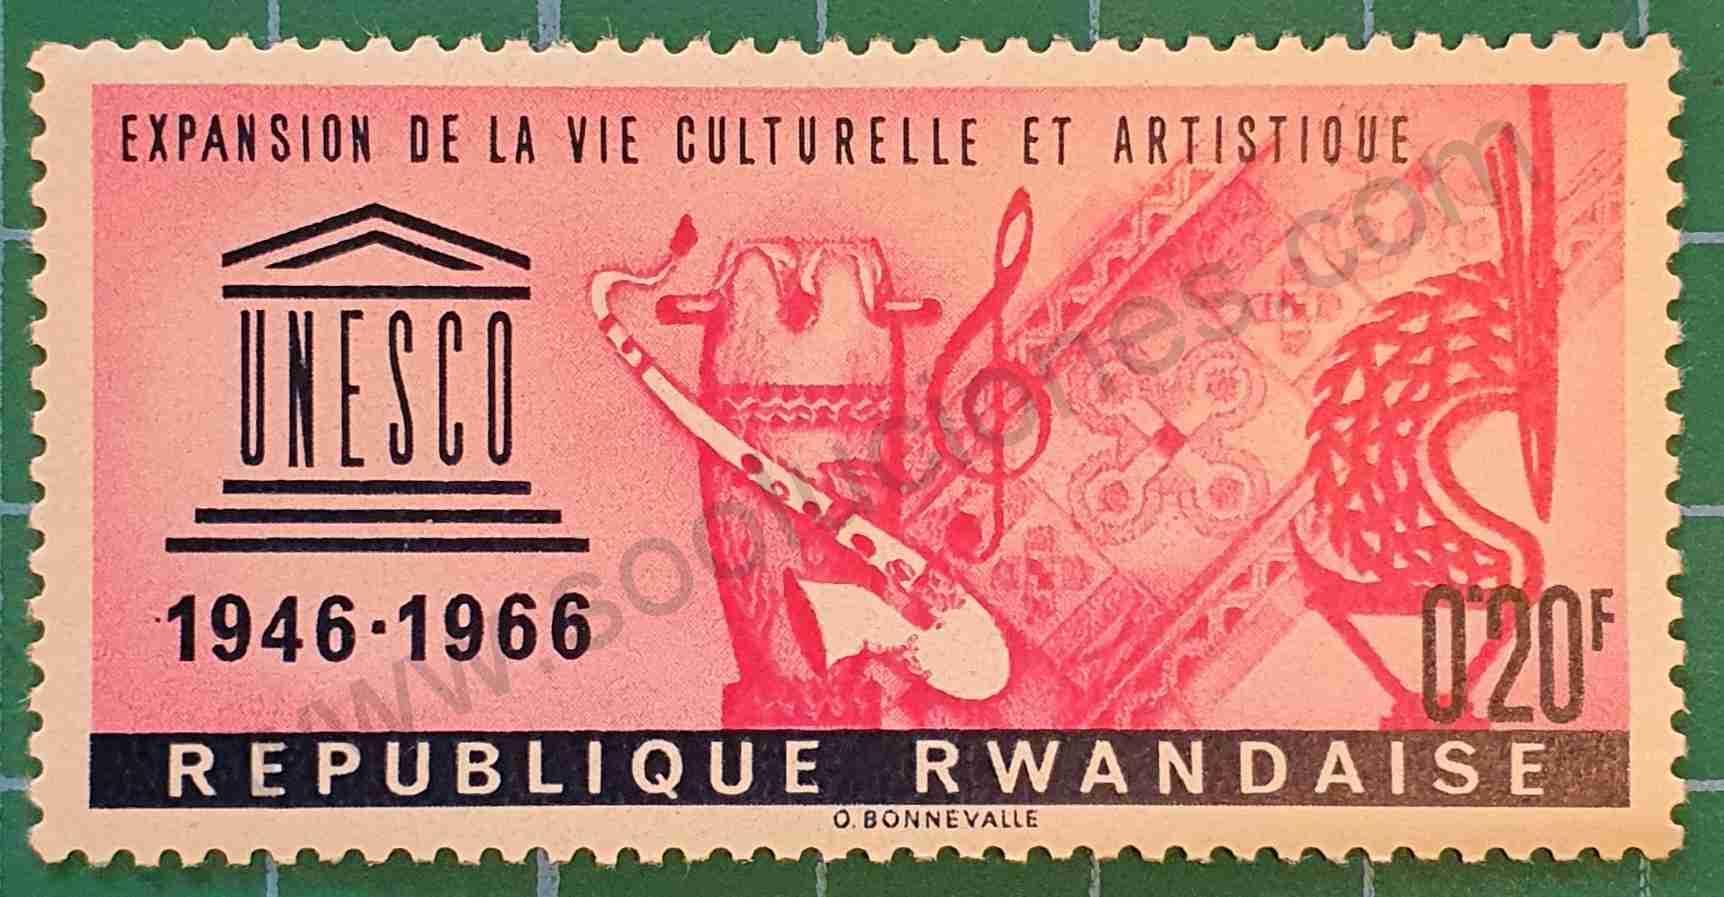 Aniversario UNESCO - Sello Ruanda 1966